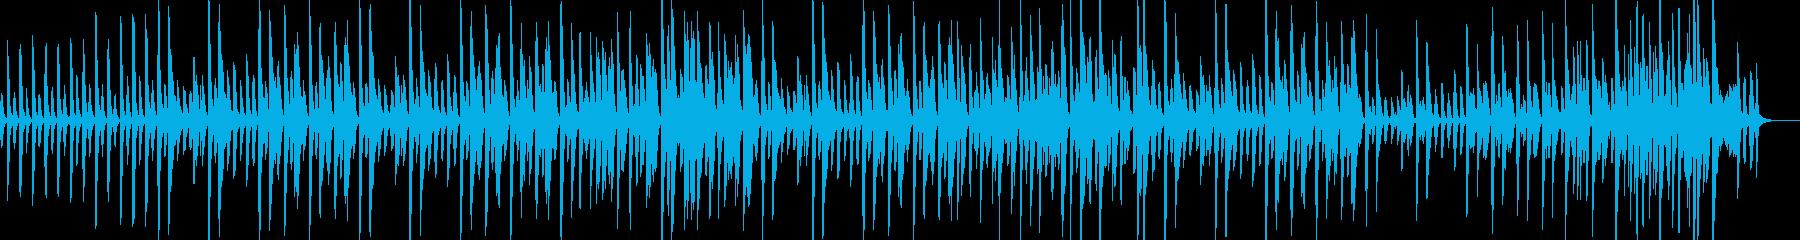 楽しい・軽快・ほのぼの・日常・ピアノソロの再生済みの波形